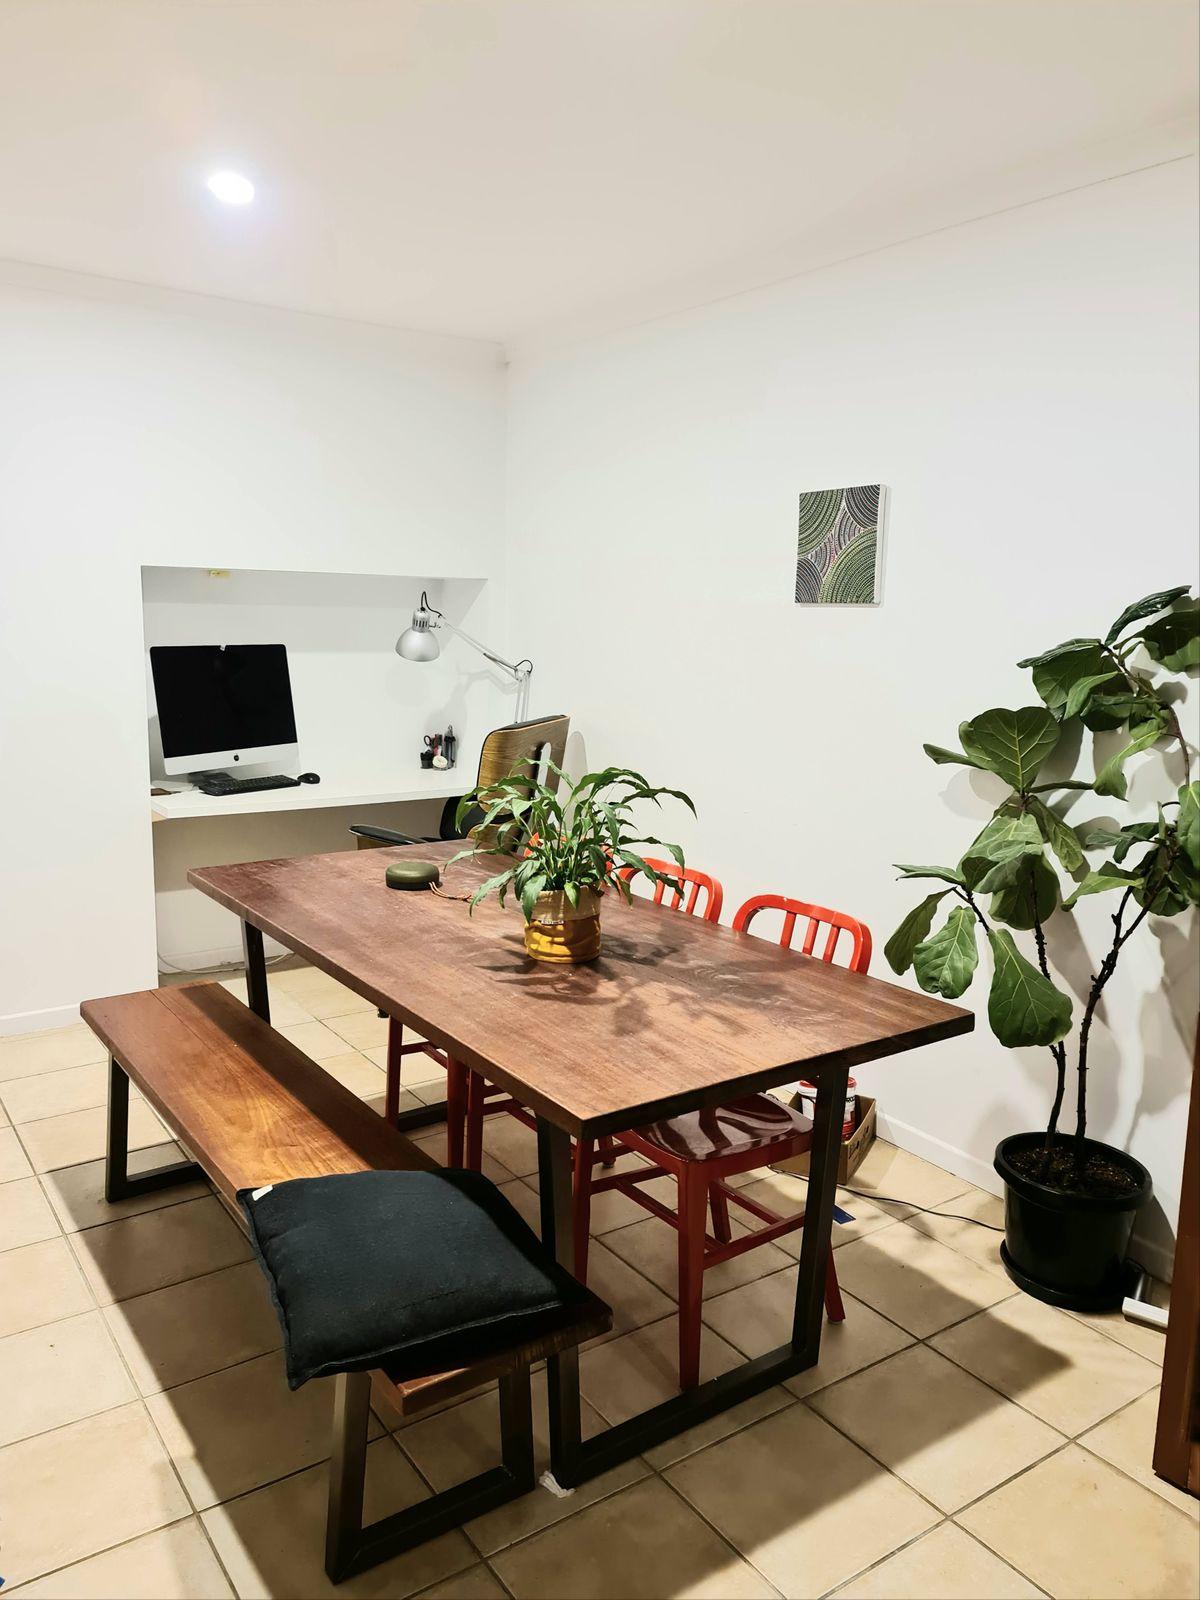 115/1 Poinsettia Court, Mooloolaba, QLD 4557